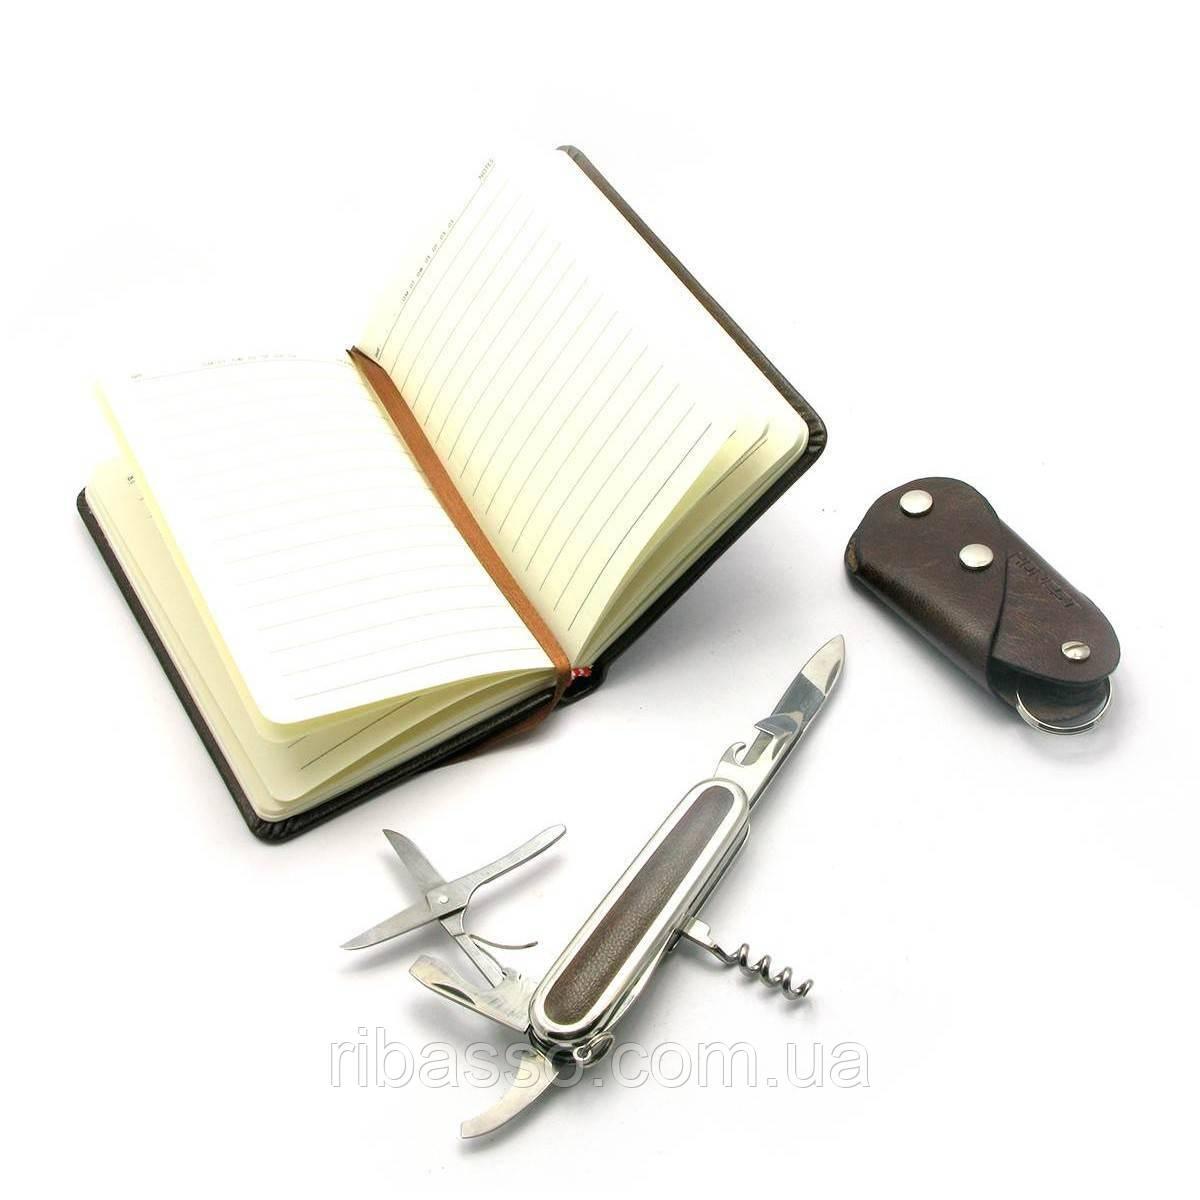 Подарунковий набір Ніж,записна книжка,ключниця 24х17х4 см 27178